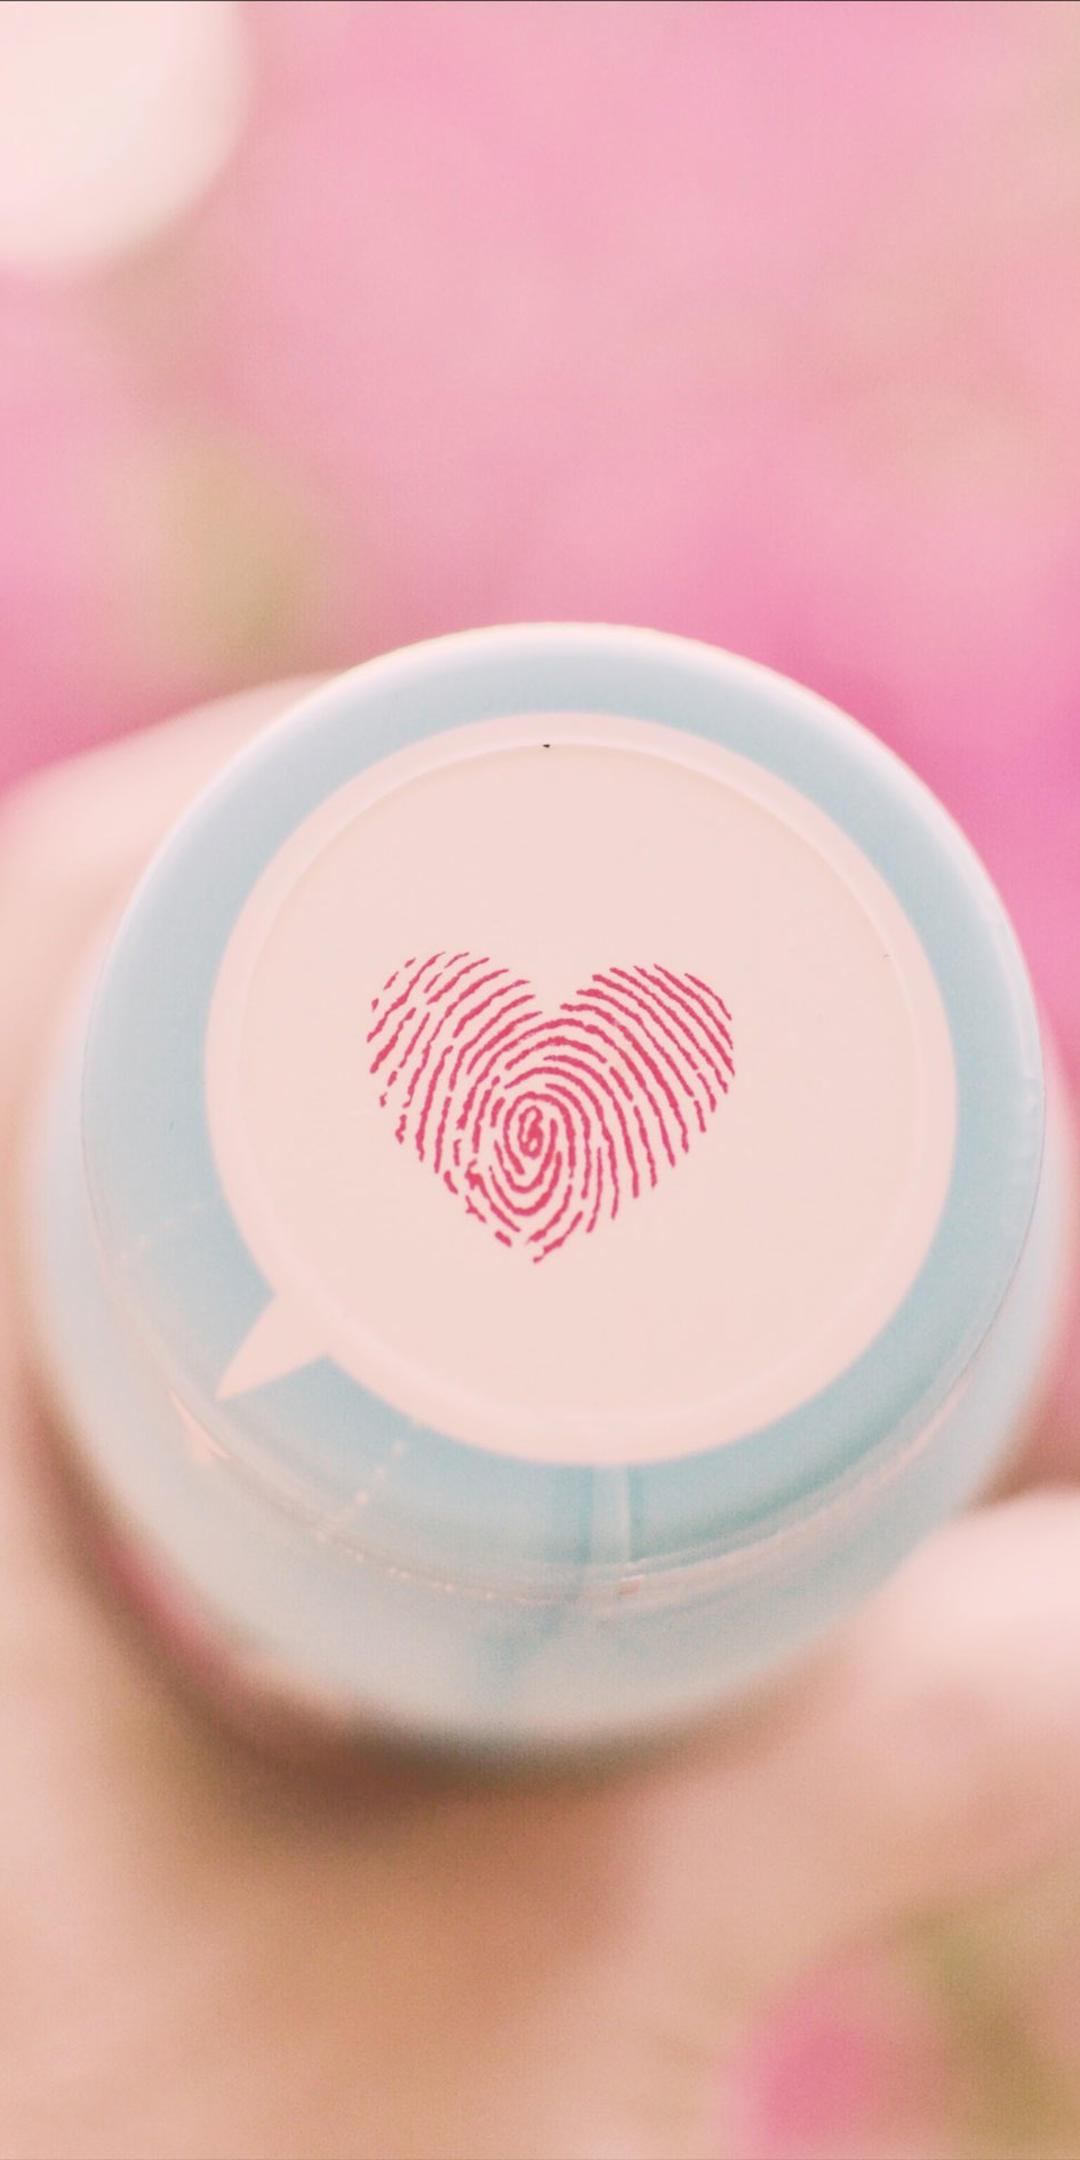 粉色系少女心手机壁纸插图41